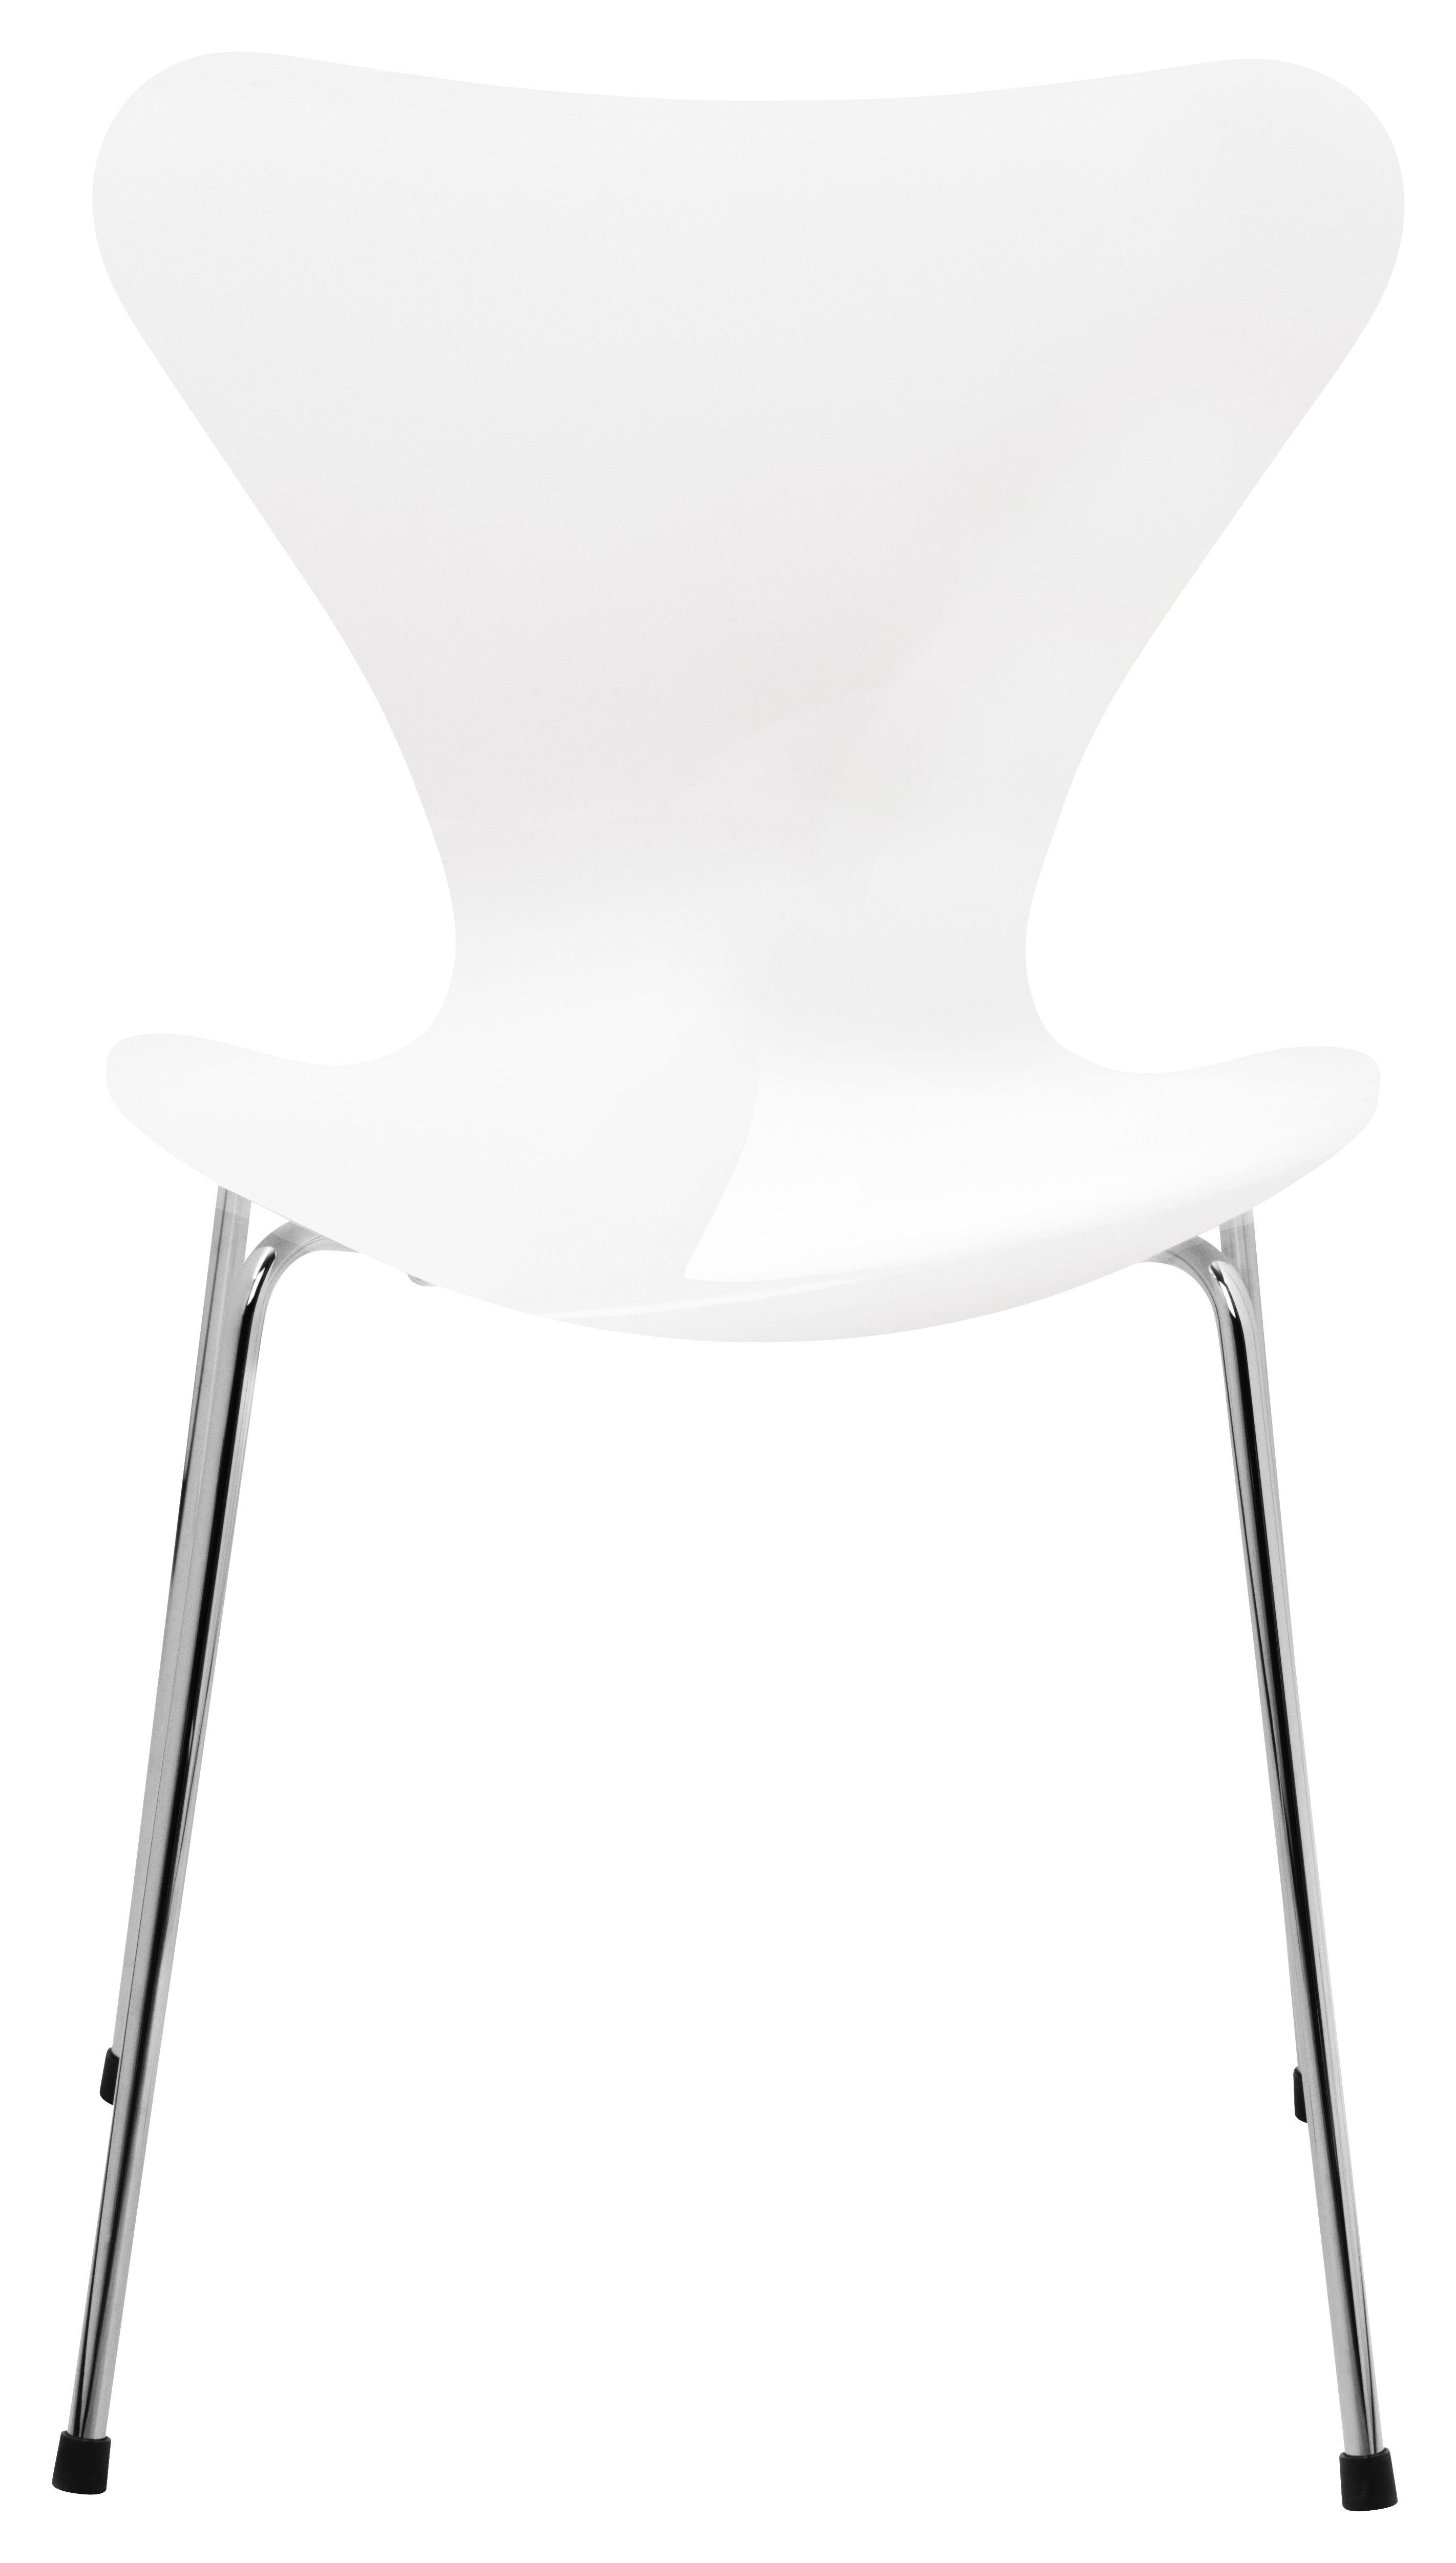 Mobilier - Chaises, fauteuils de salle à manger - Chaise empilable Série 7 / Bois laqué - Fritz Hansen - Blanc / Pieds chromés - Acier, Contreplaqué de bois laqué